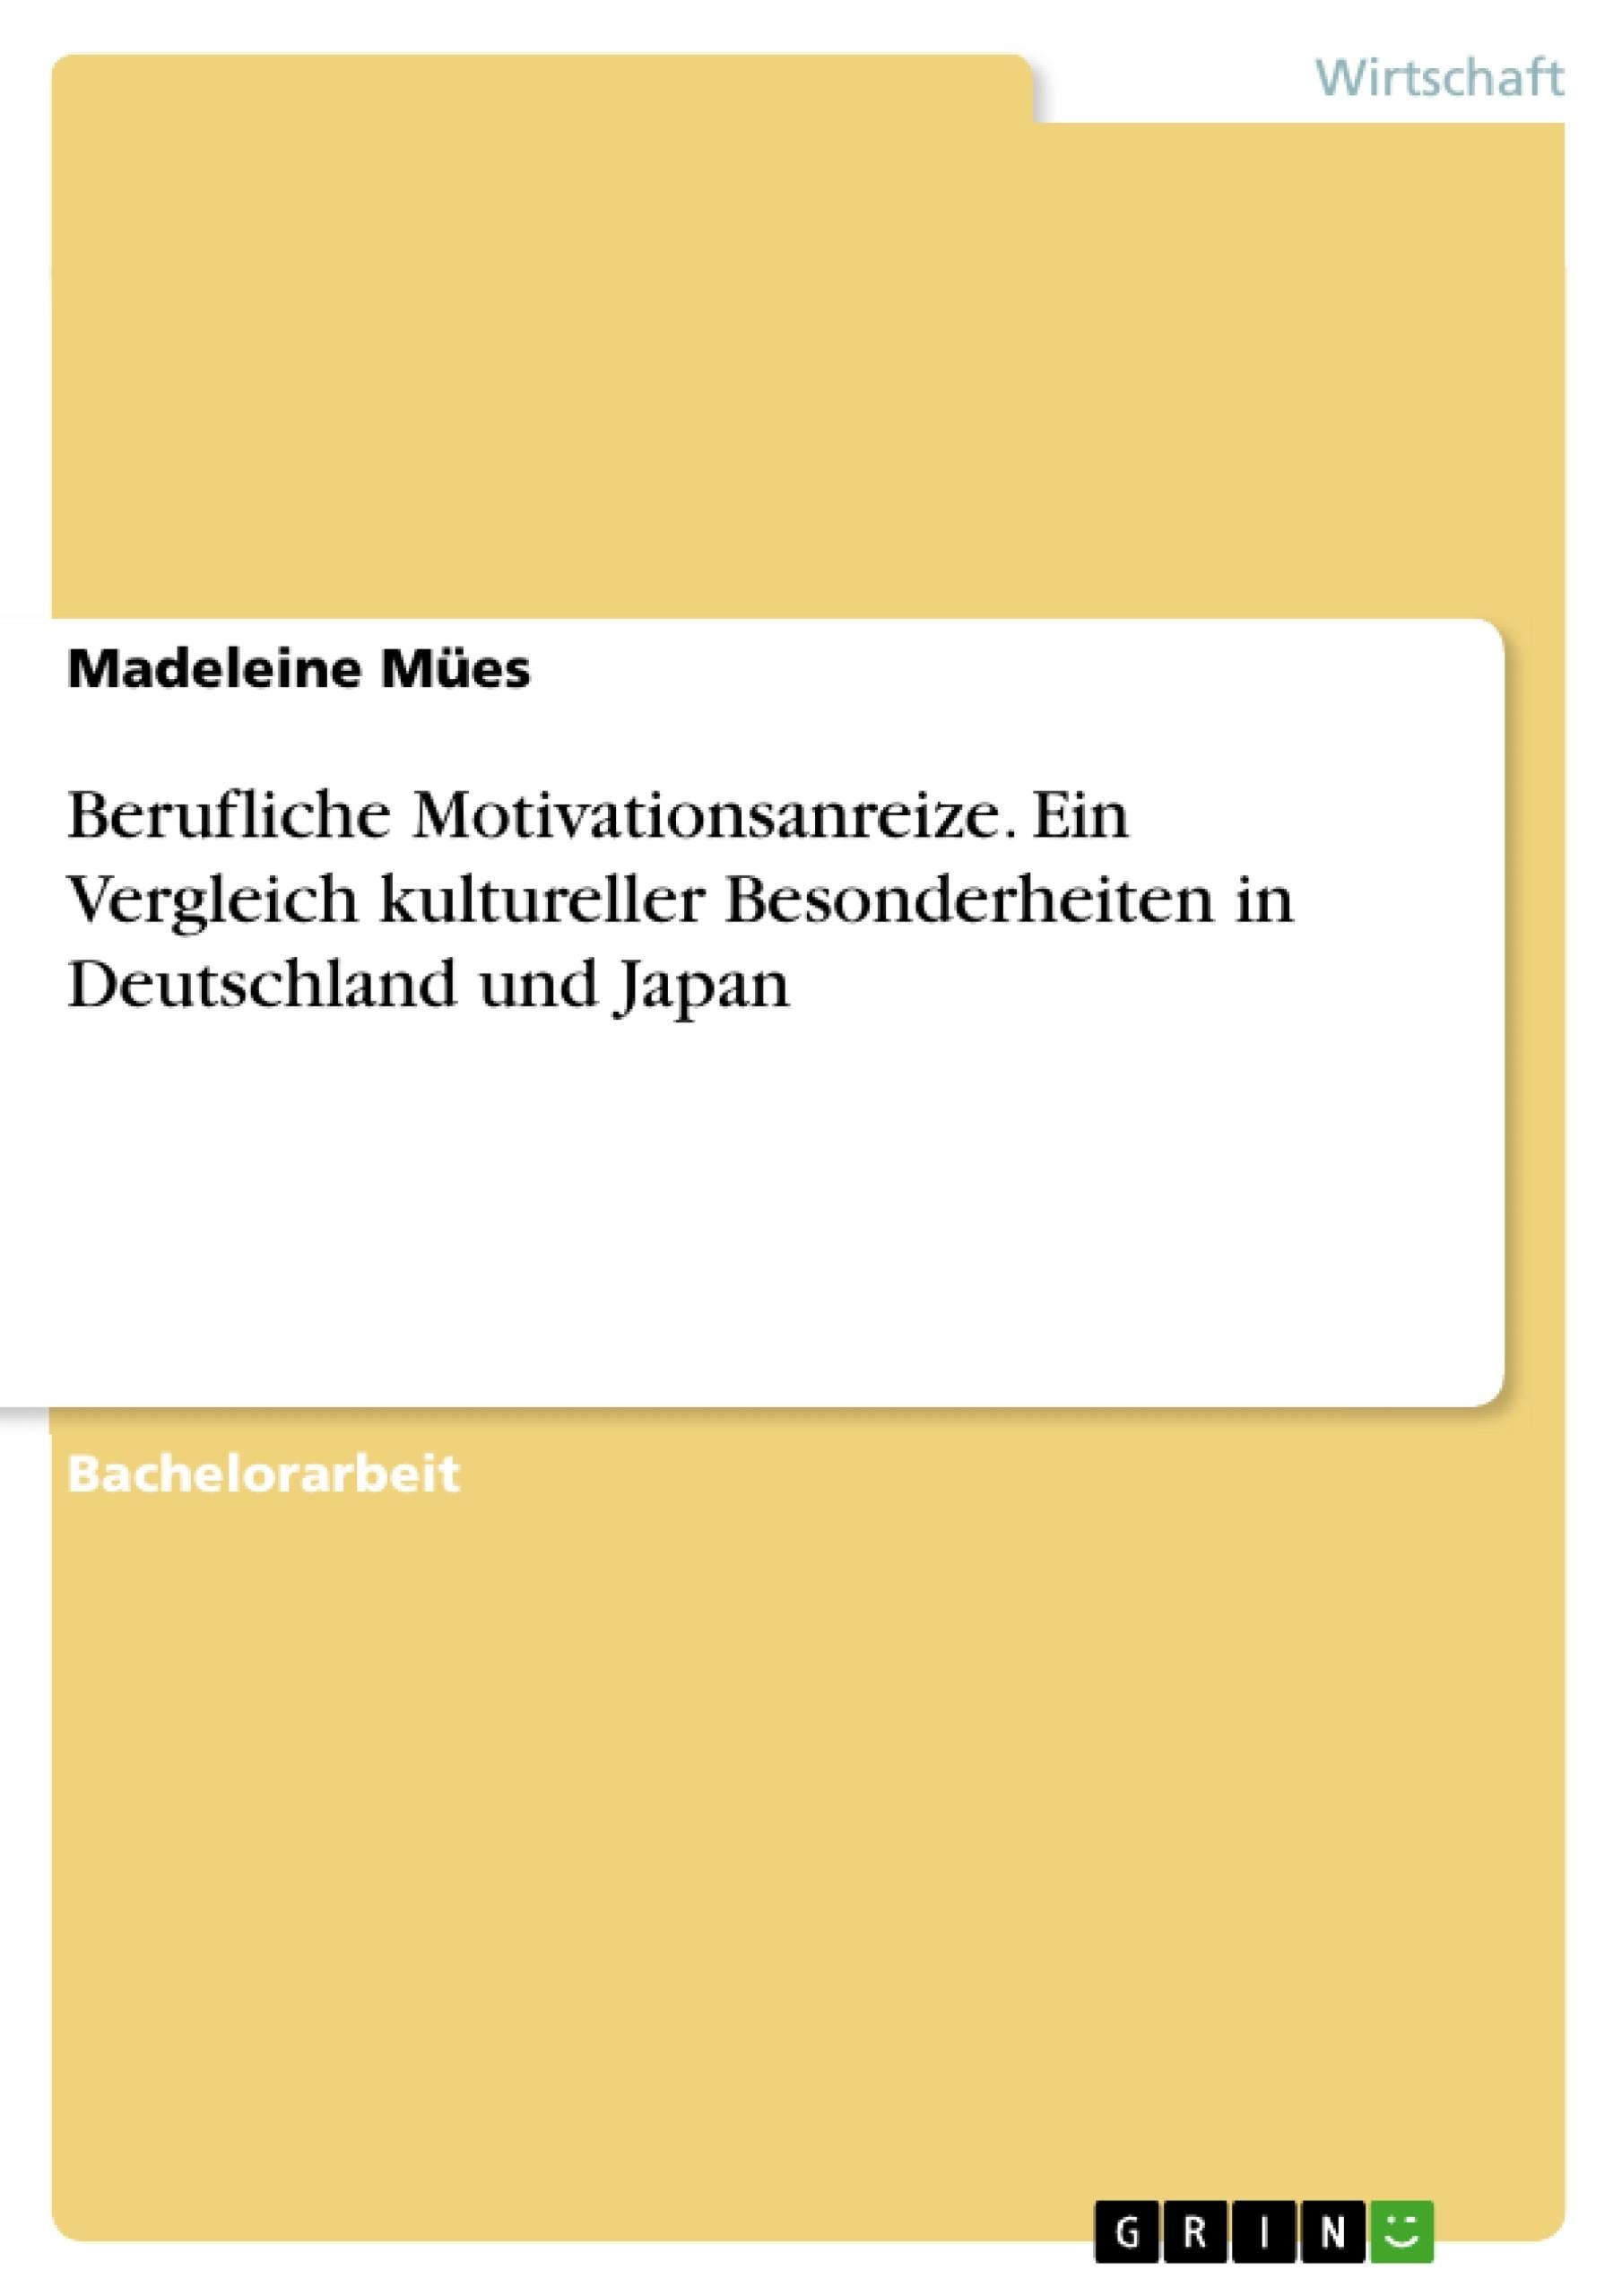 Titel: Berufliche Motivationsanreize. Ein Vergleich kultureller Besonderheiten in Deutschland und Japan